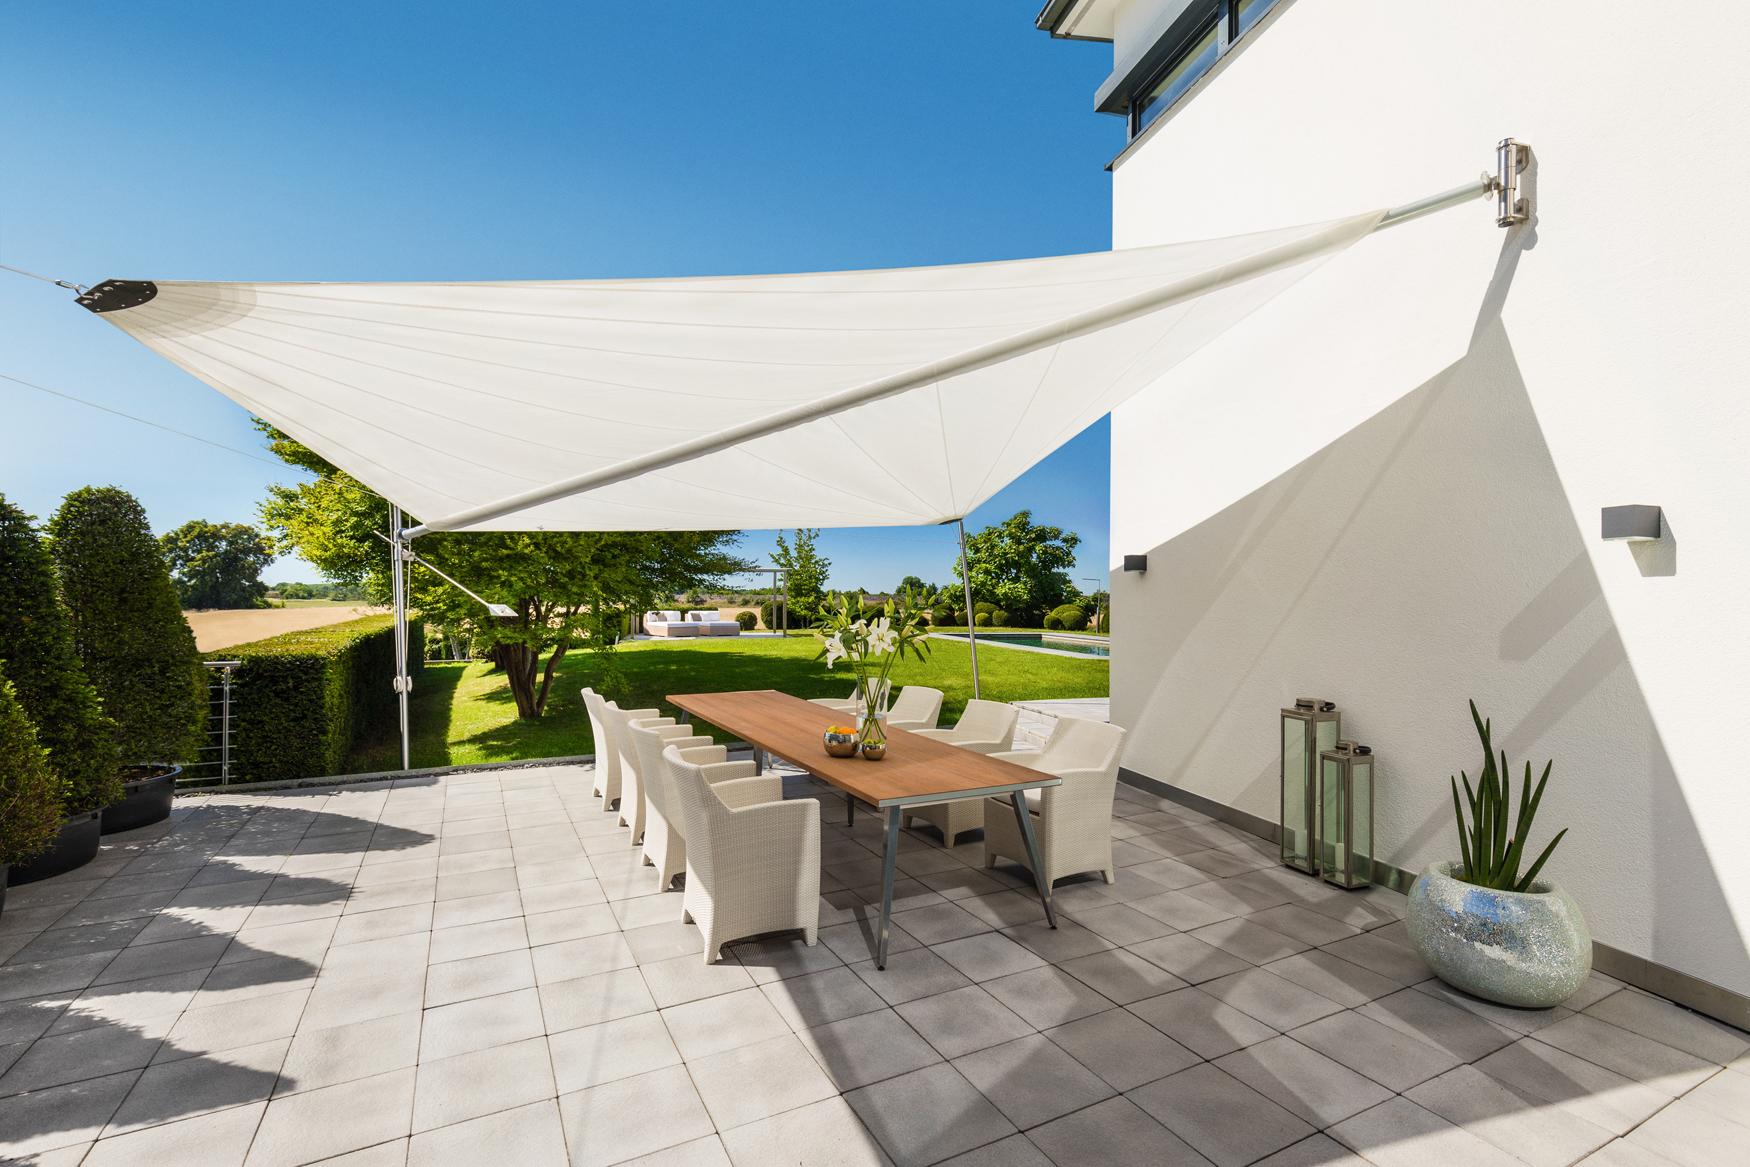 Halbautomatisches Diagonal Sonnensegel für die Terrasse von rewalux GmbH.jpg